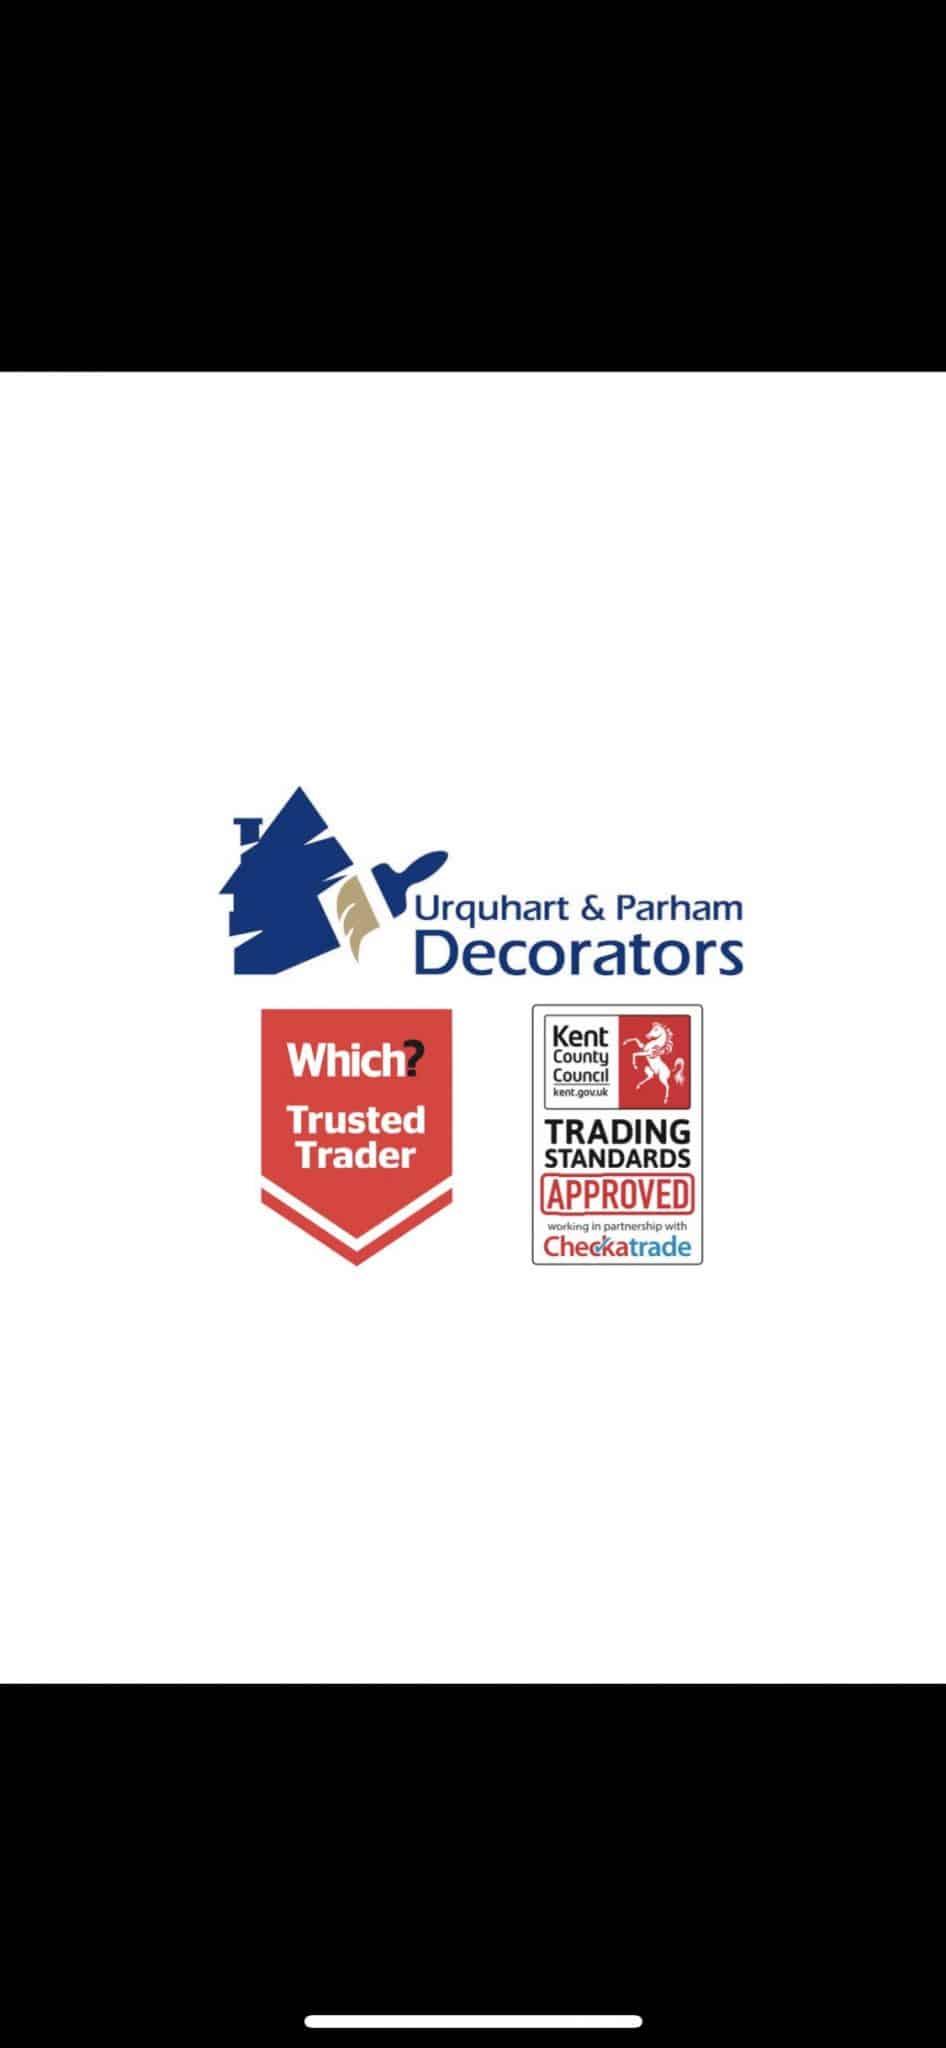 Urquhart & Parham Decorators